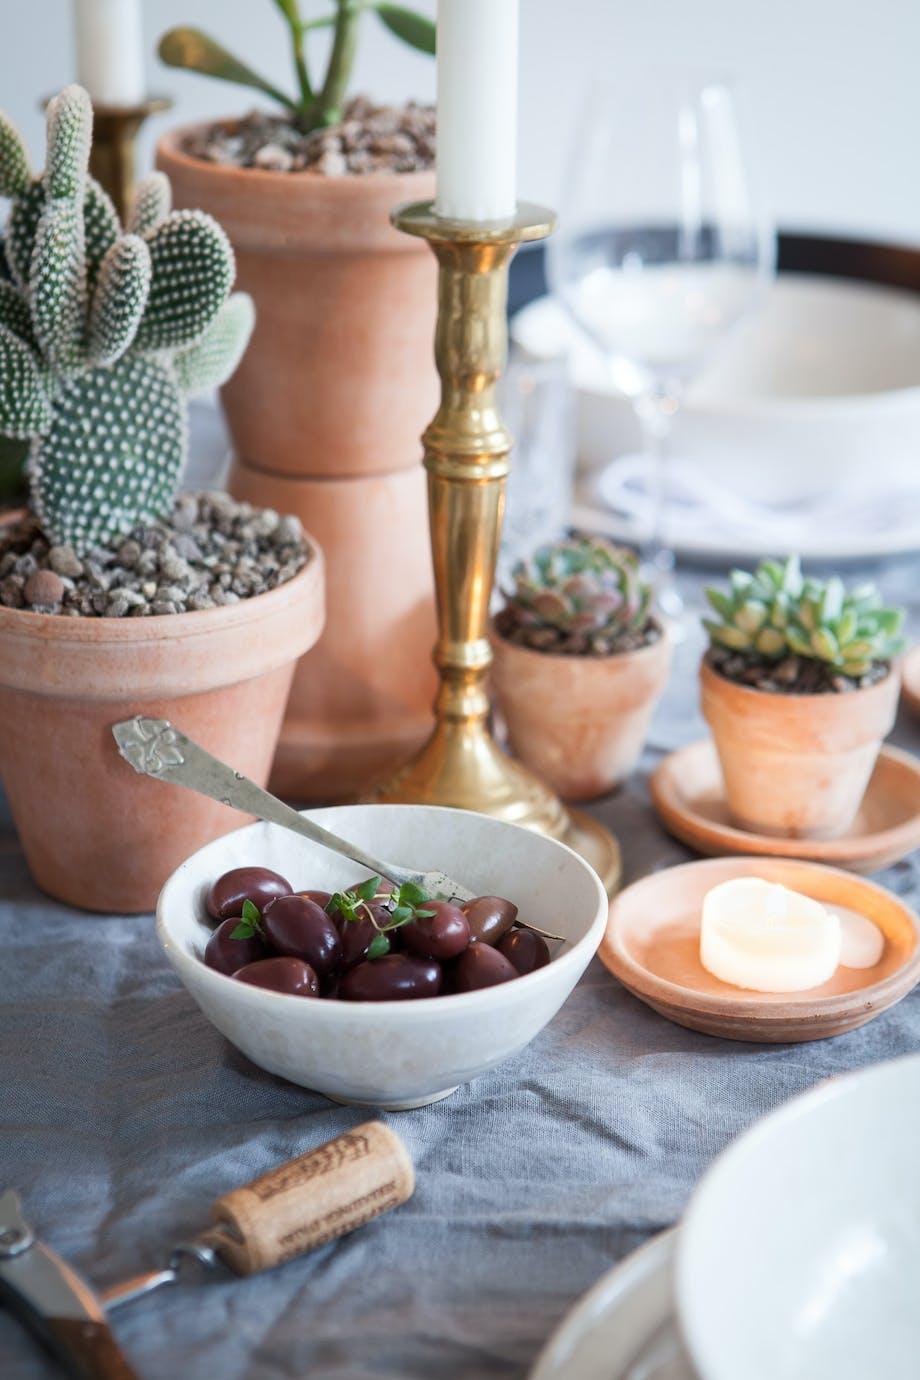 Oliven og smukke terrakottakrukker på middagsbordet